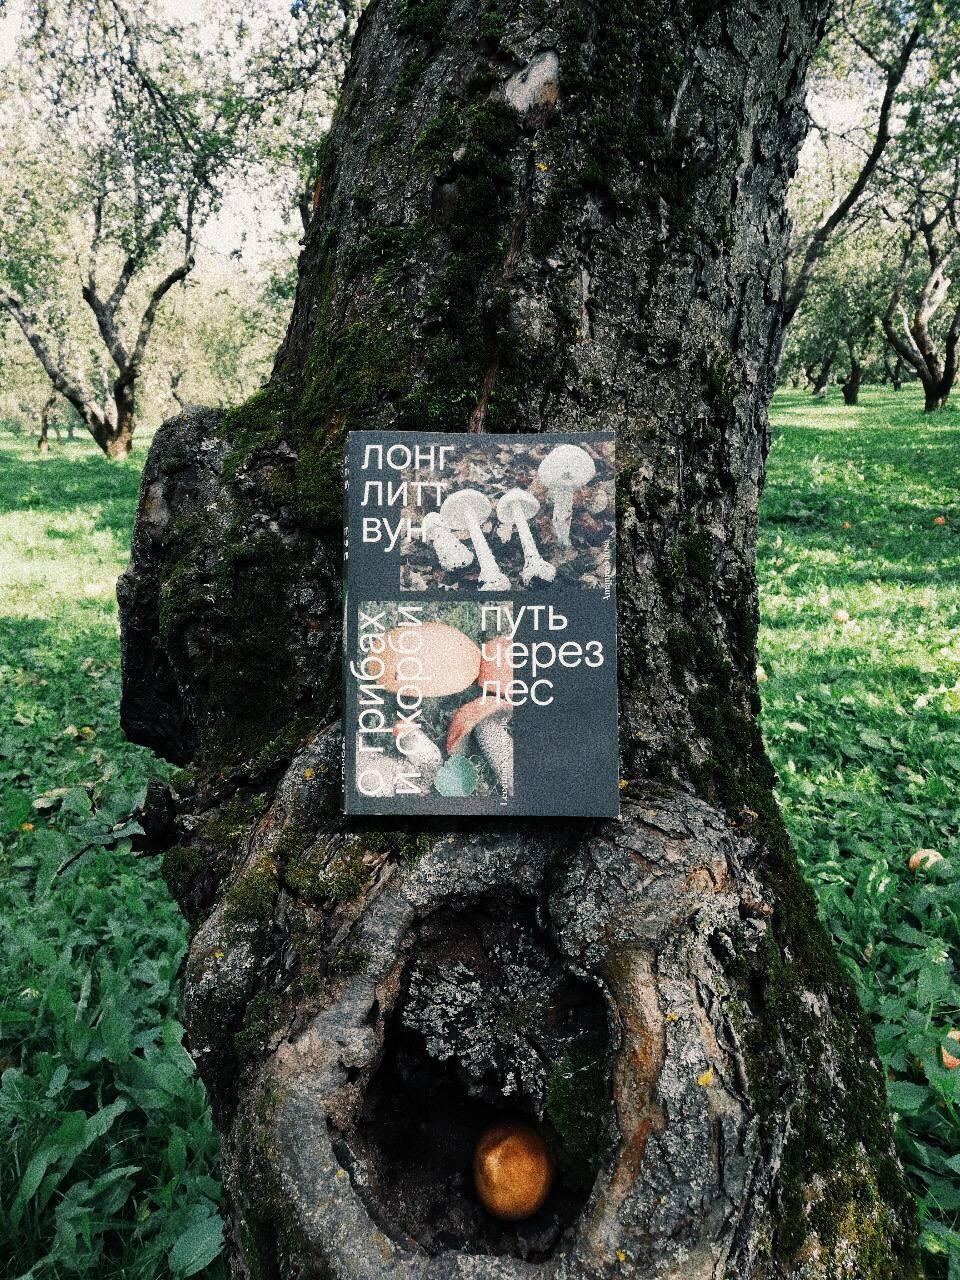 Следом за «Годом магического мышления» Джоан Дидион я прочитала ещё одну...